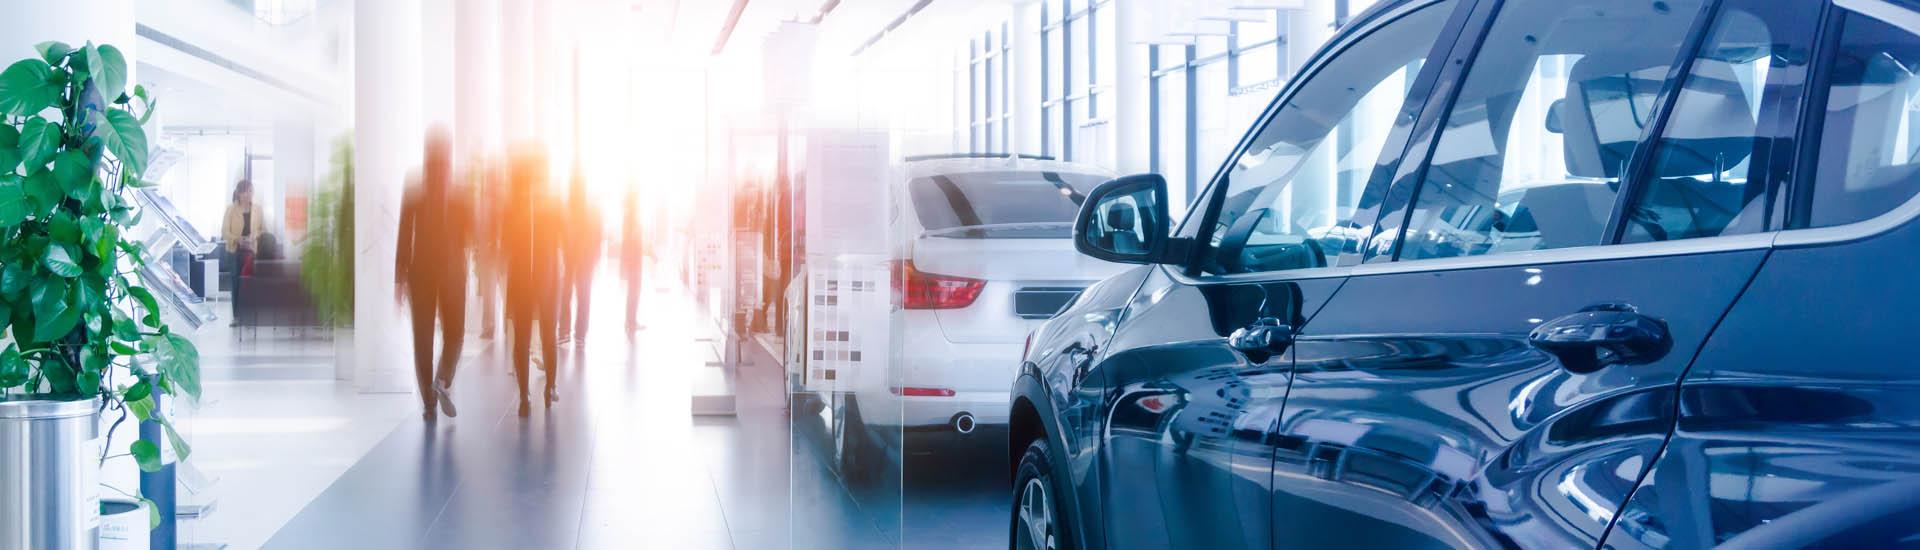 Showroom de vehículos